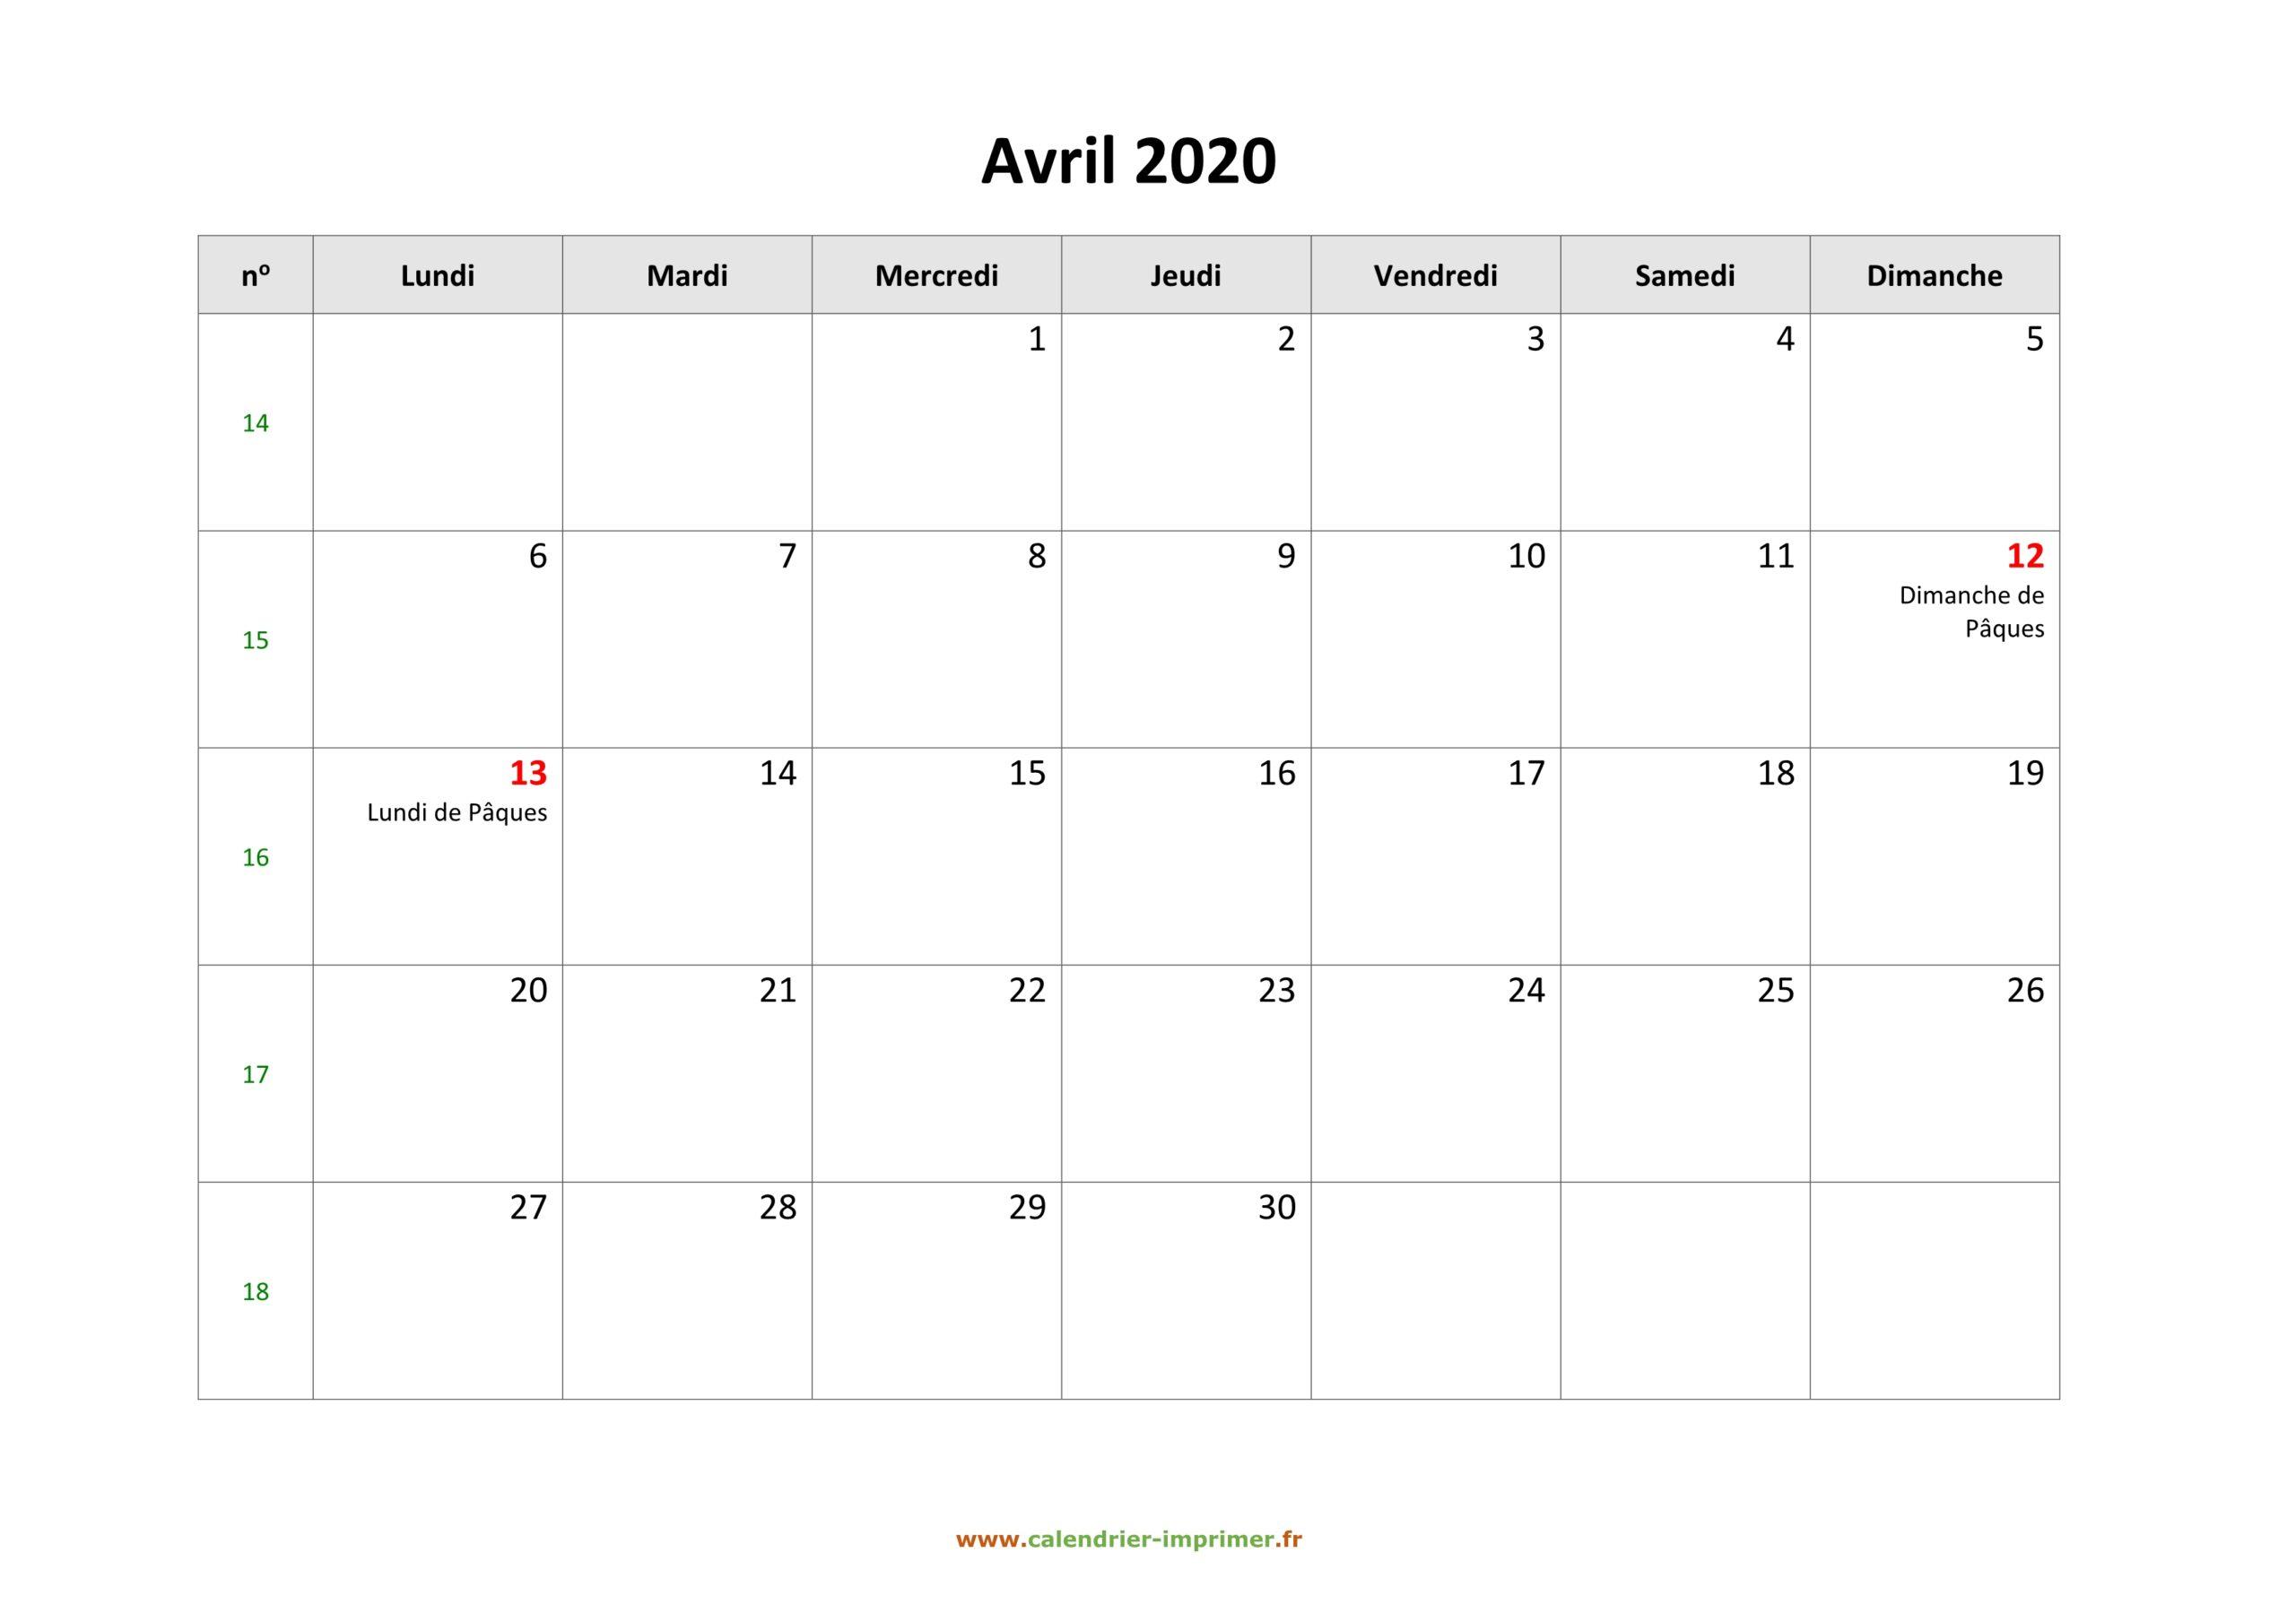 Calendrier Avril 2020 À Imprimer Vacances – Zudocalendrio intérieur Imprimer Des Calendriers